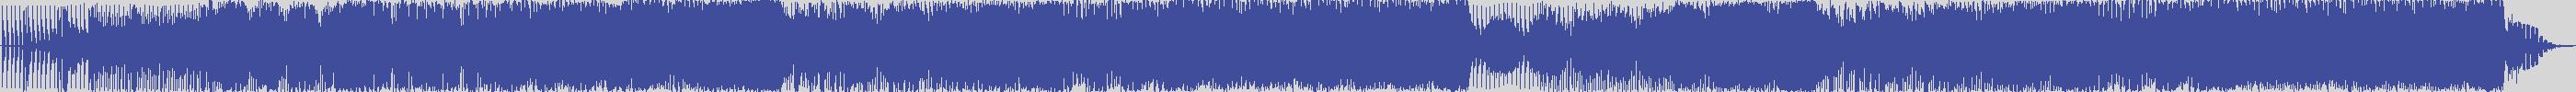 just_digital_records [JS1116] Franco Concina - Reason [Original Mix] audio wave form